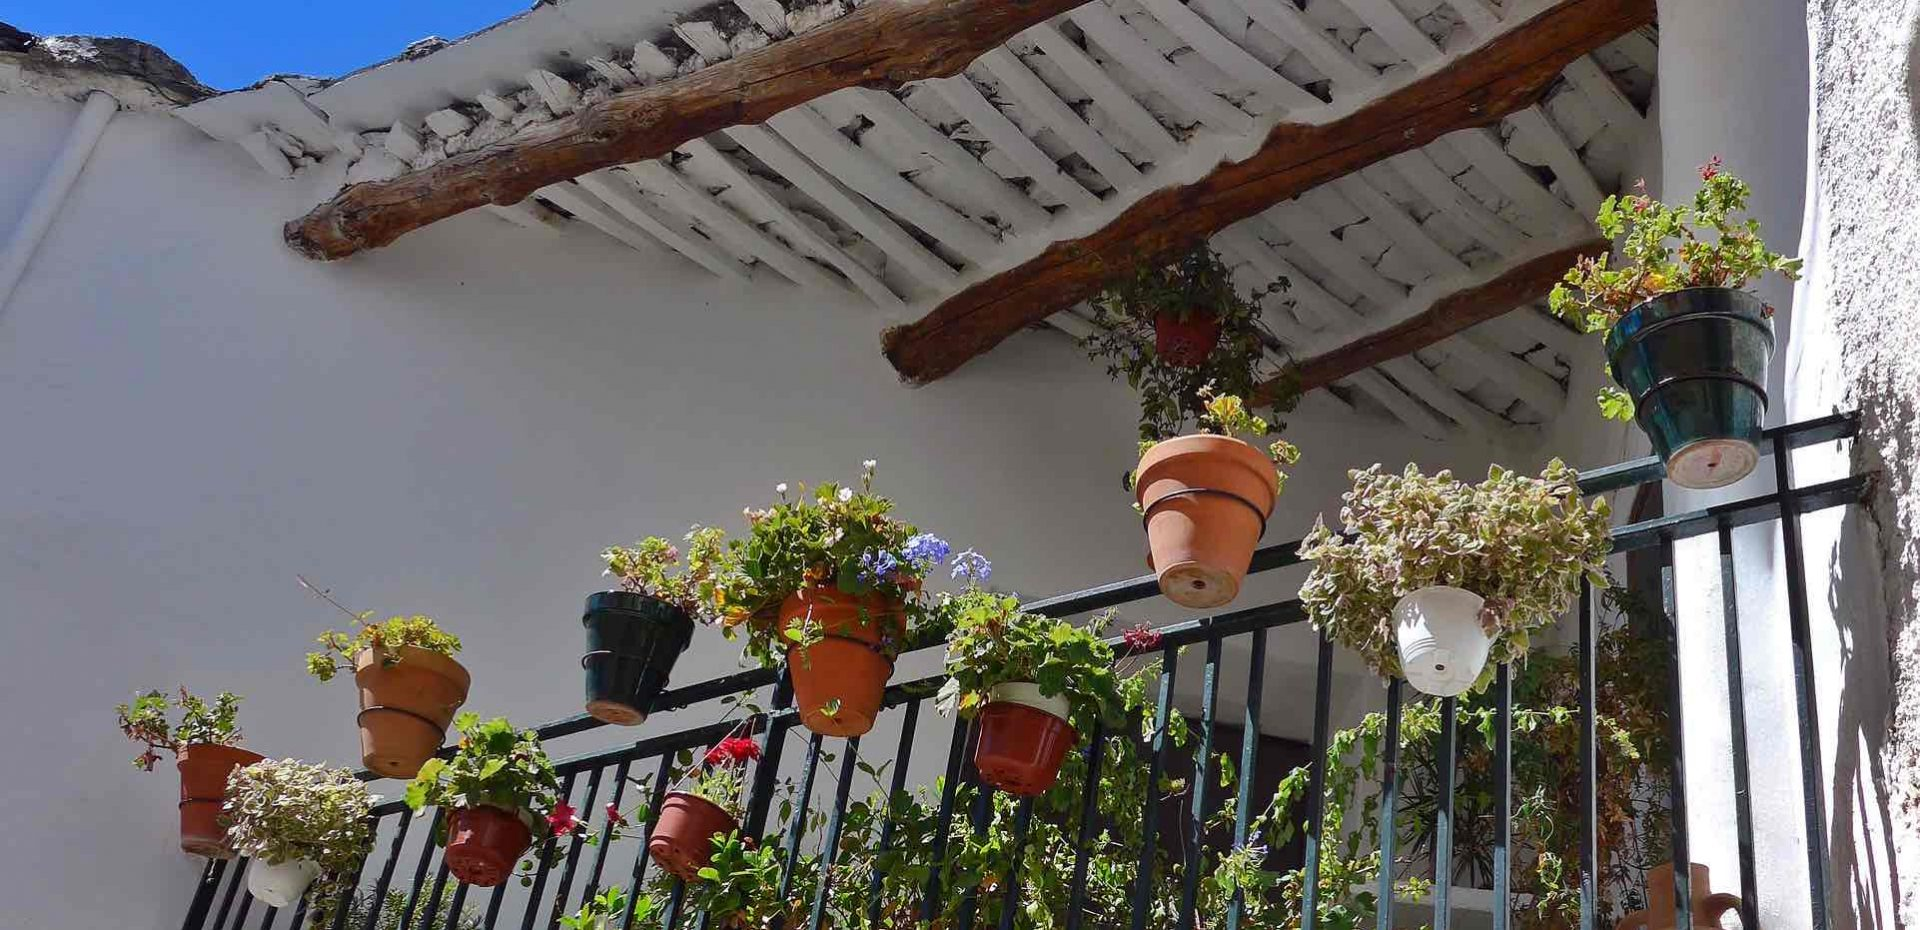 Pampaneira flower pots Spain